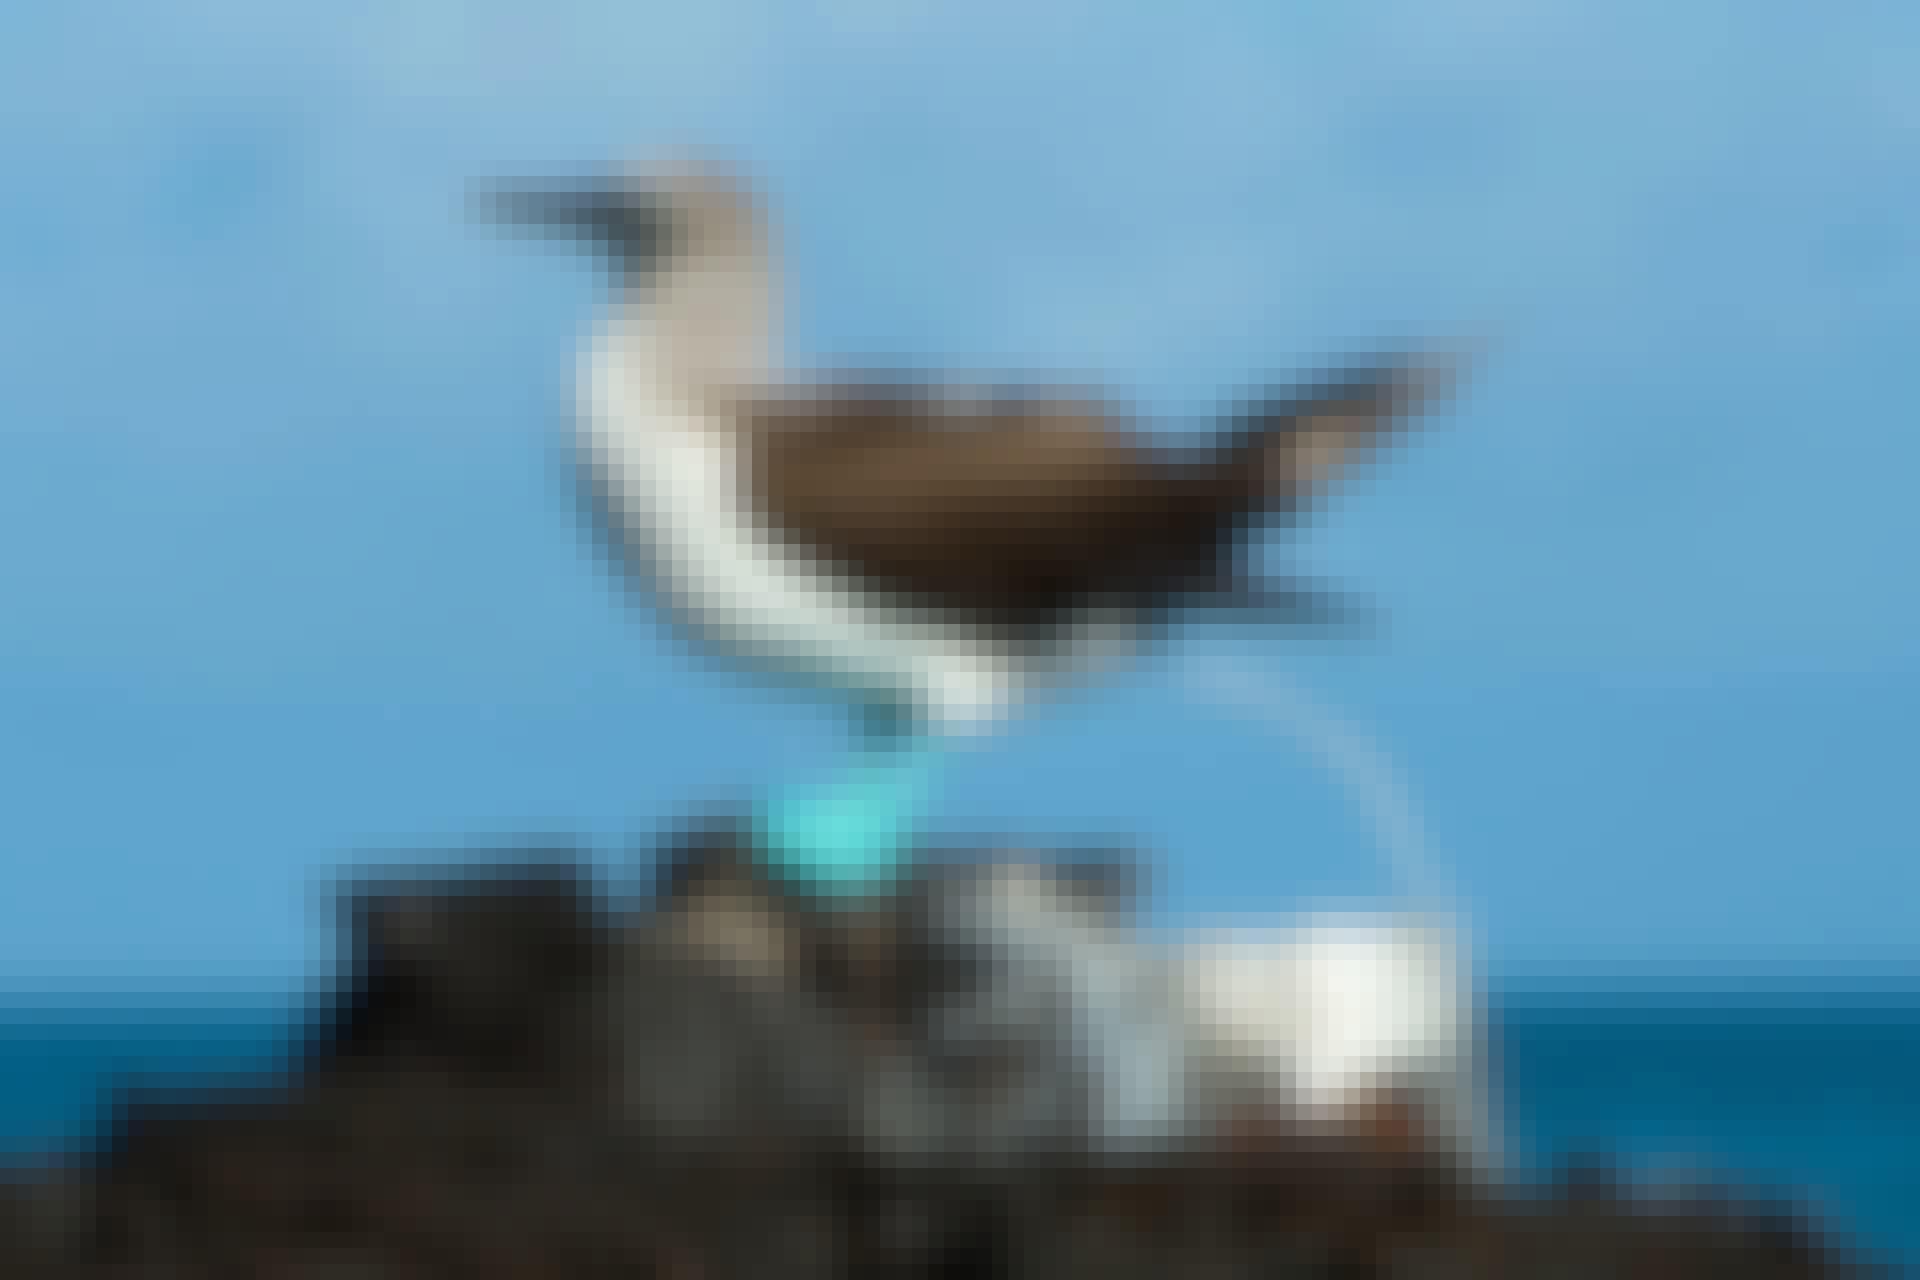 Hvorfor er fugleklatter hvide?